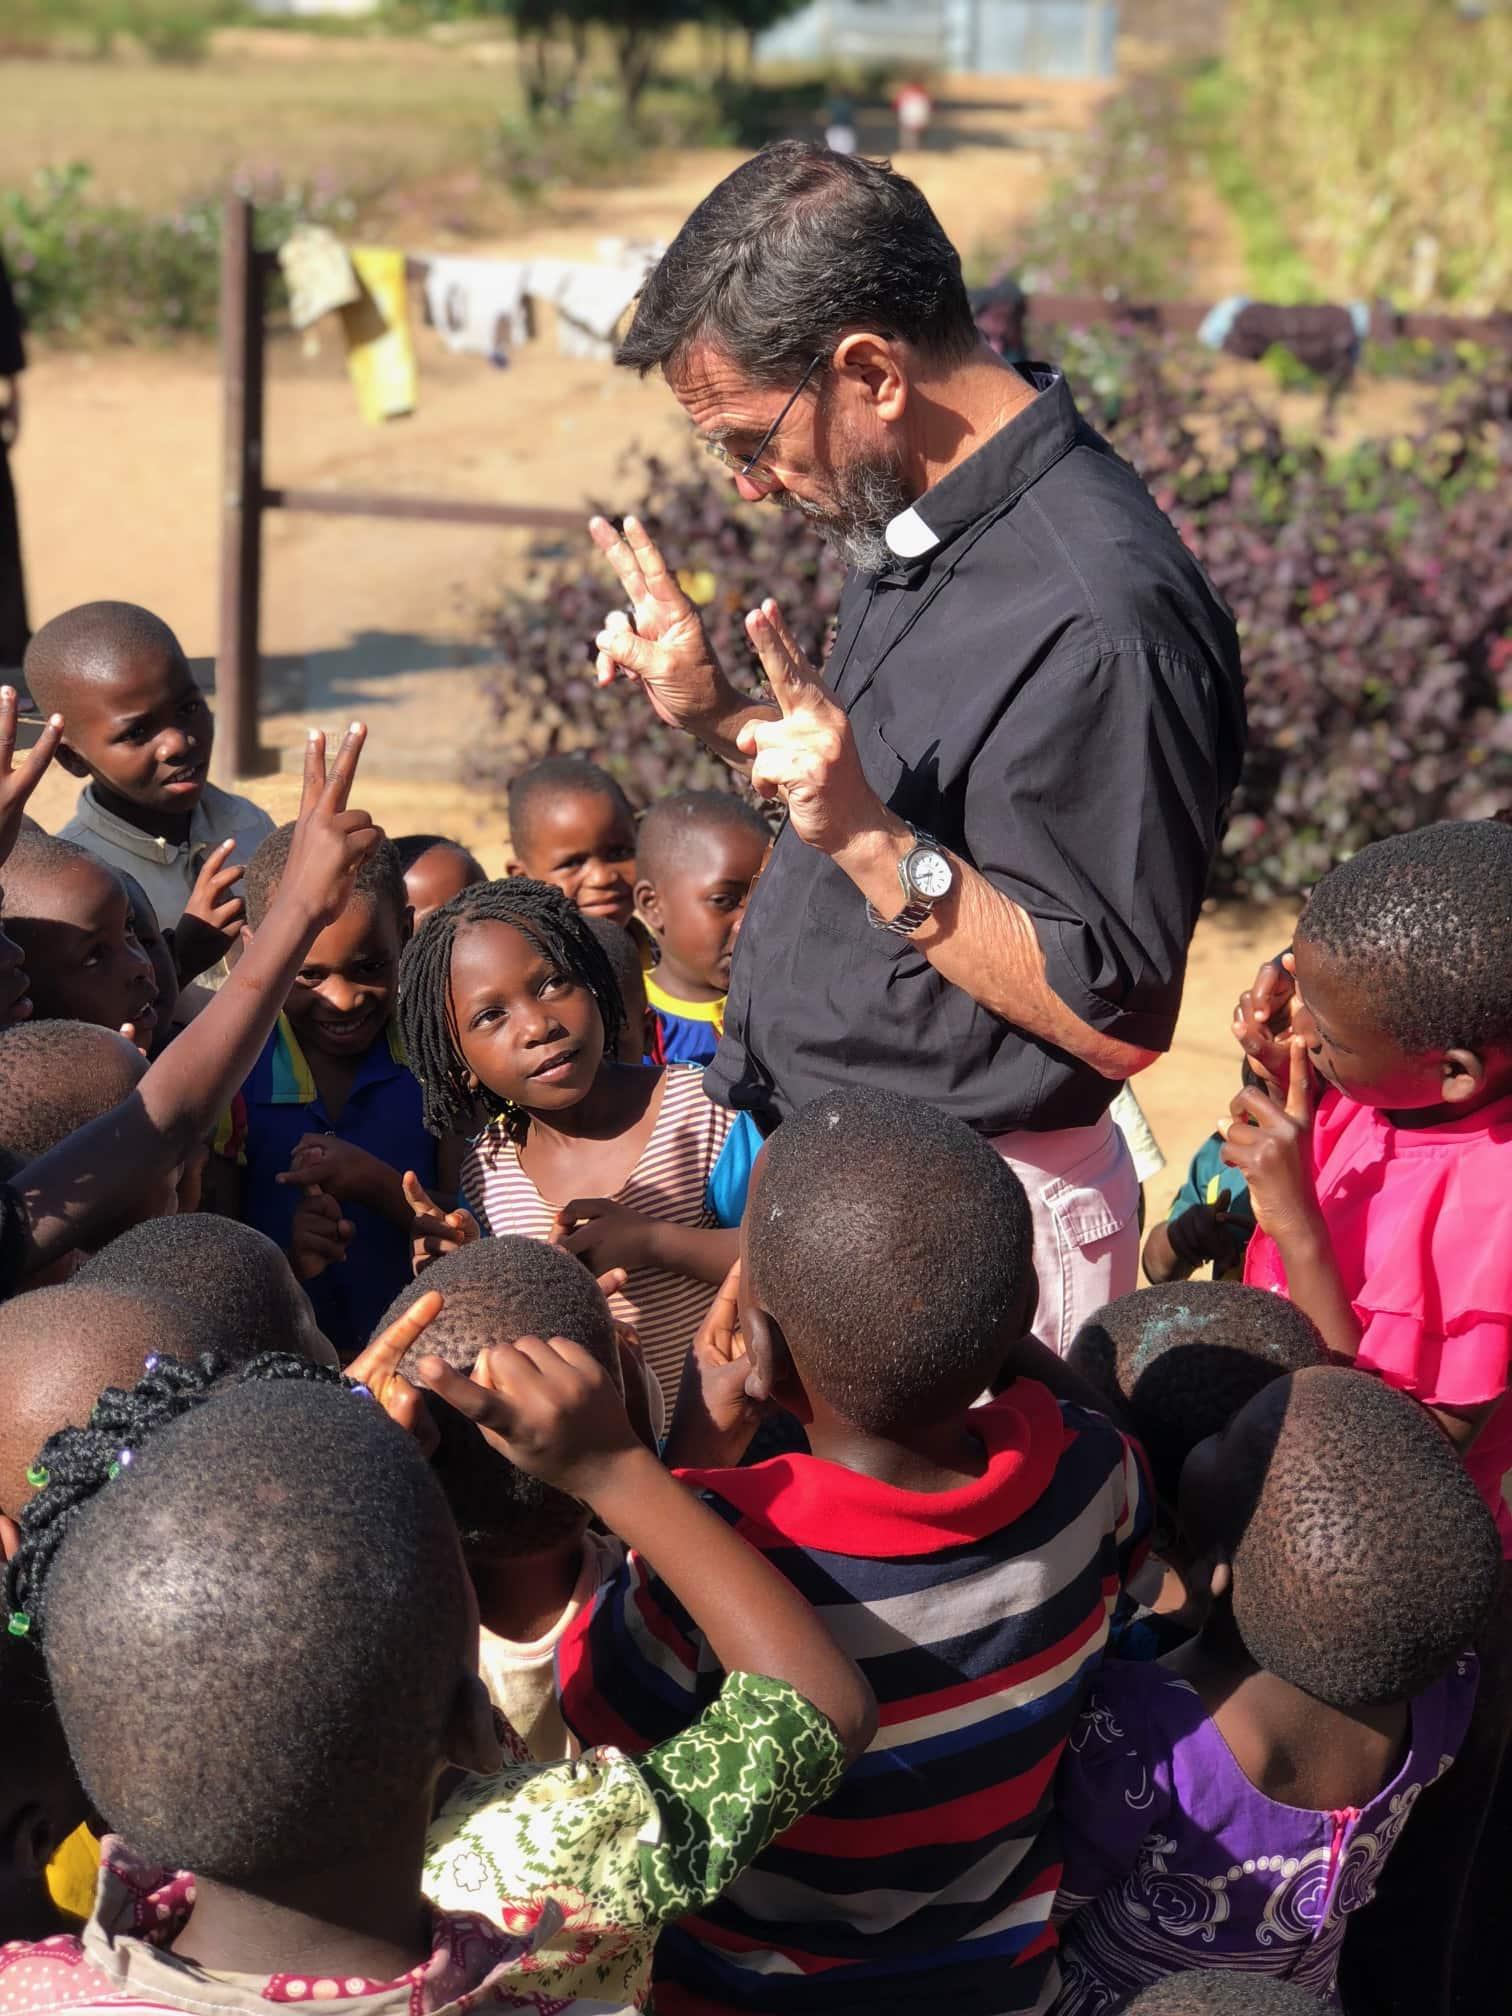 Bispo de Pemba, Dom Luiz Fernando Lisboa, no meio das crianças